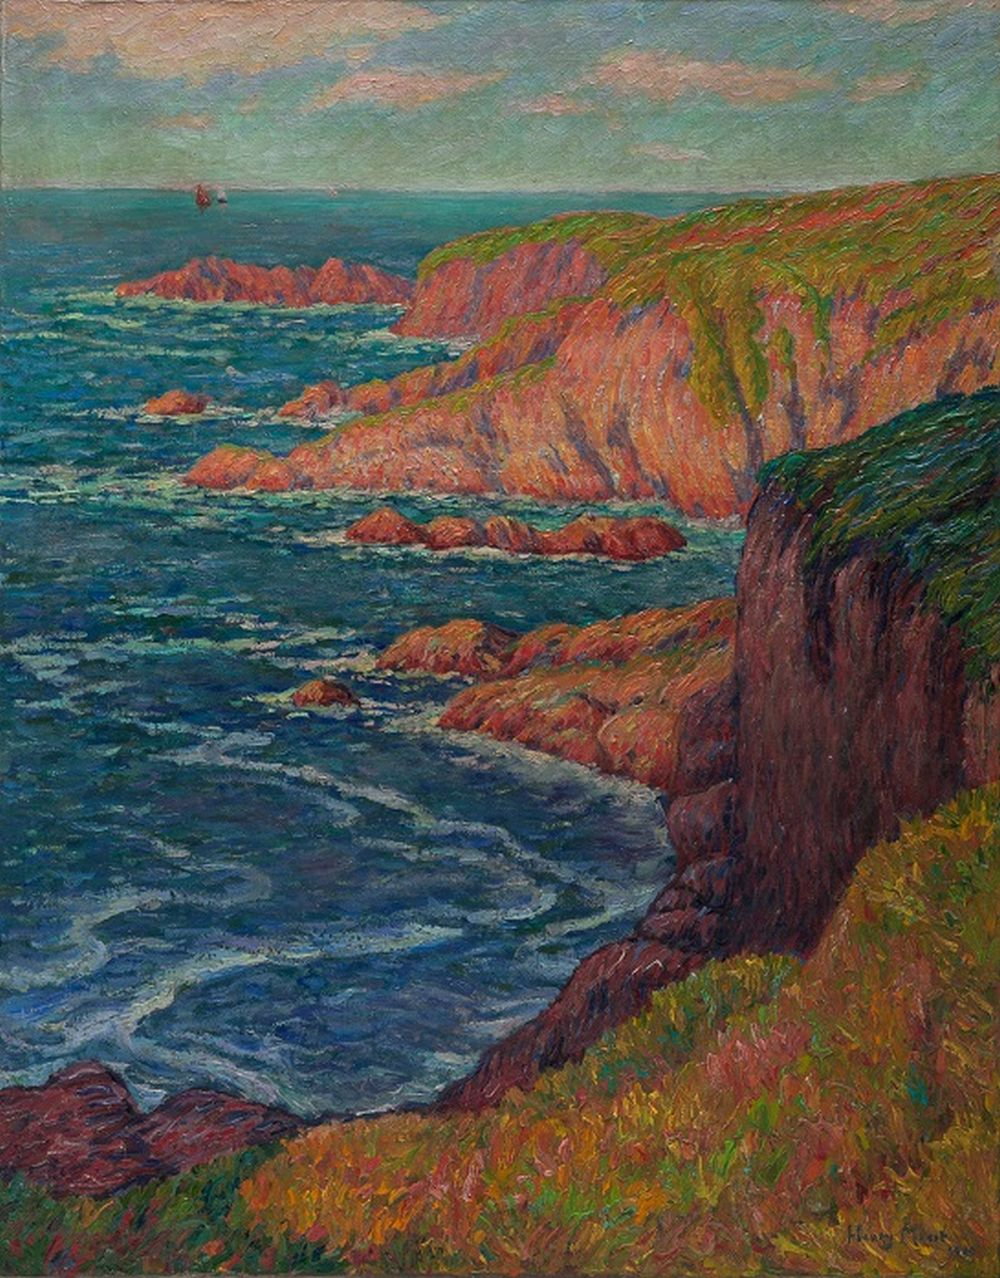 Sold Price: Henry MORET (1856-1913) - June 3, 0119 3:00 PM CEST